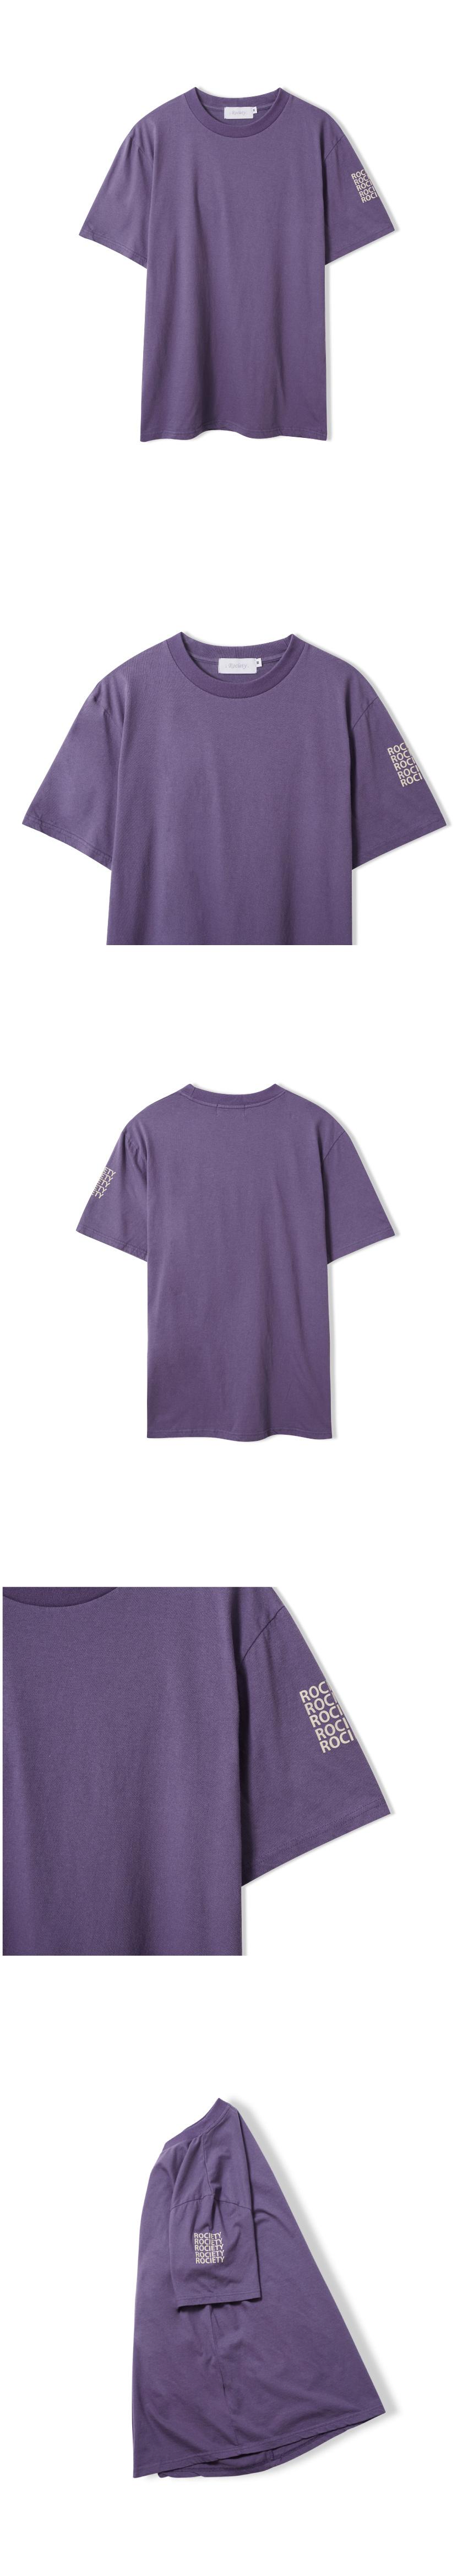 로사이어티(ROCIETY) 슬리브 로고 티셔츠